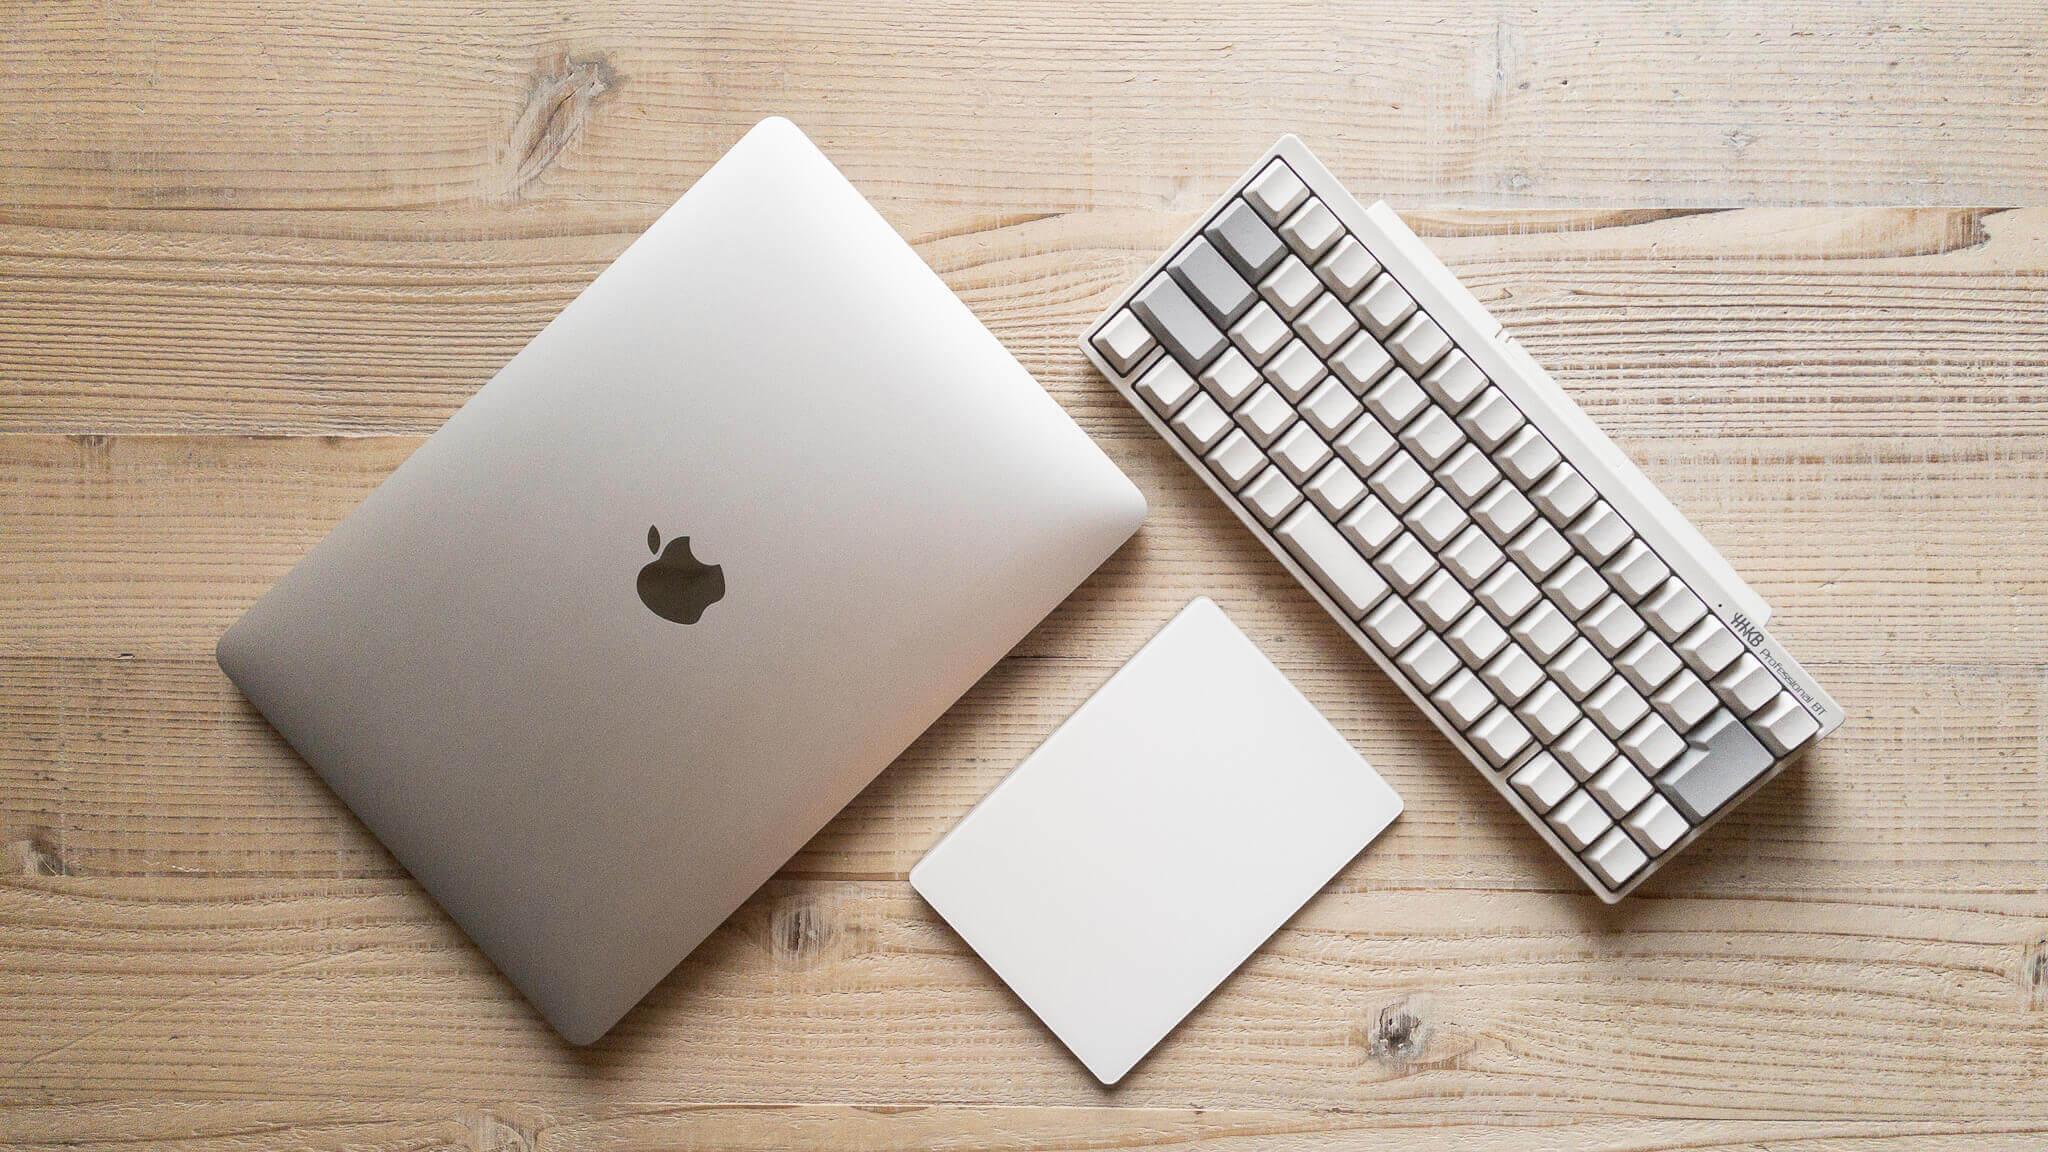 210325 macbook air review 4